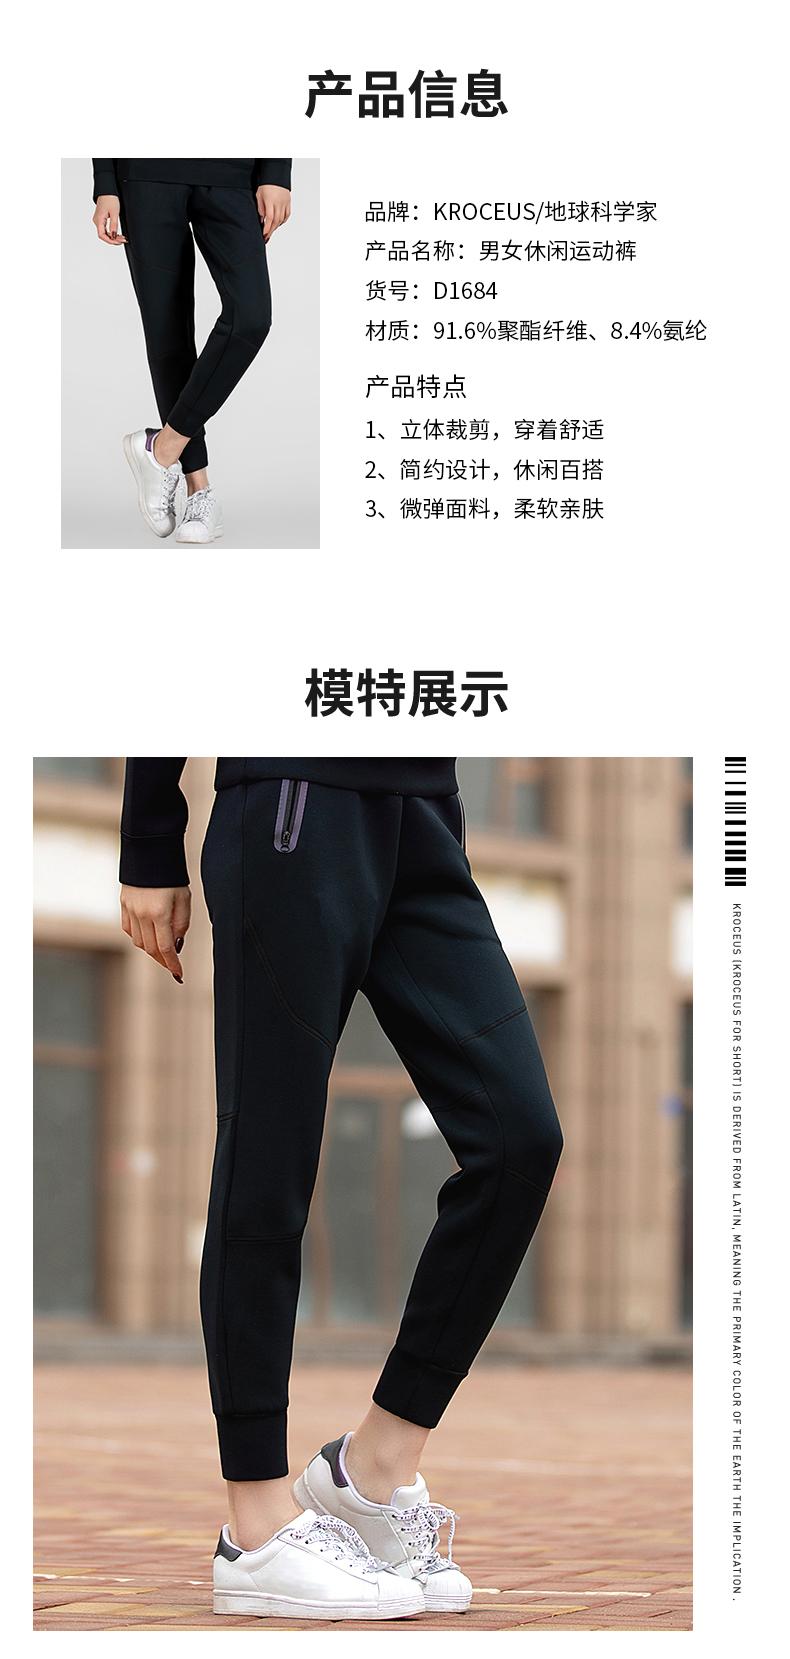 地球科学家 21新款 空气层面料 男女款透气弹力运动裤 图5